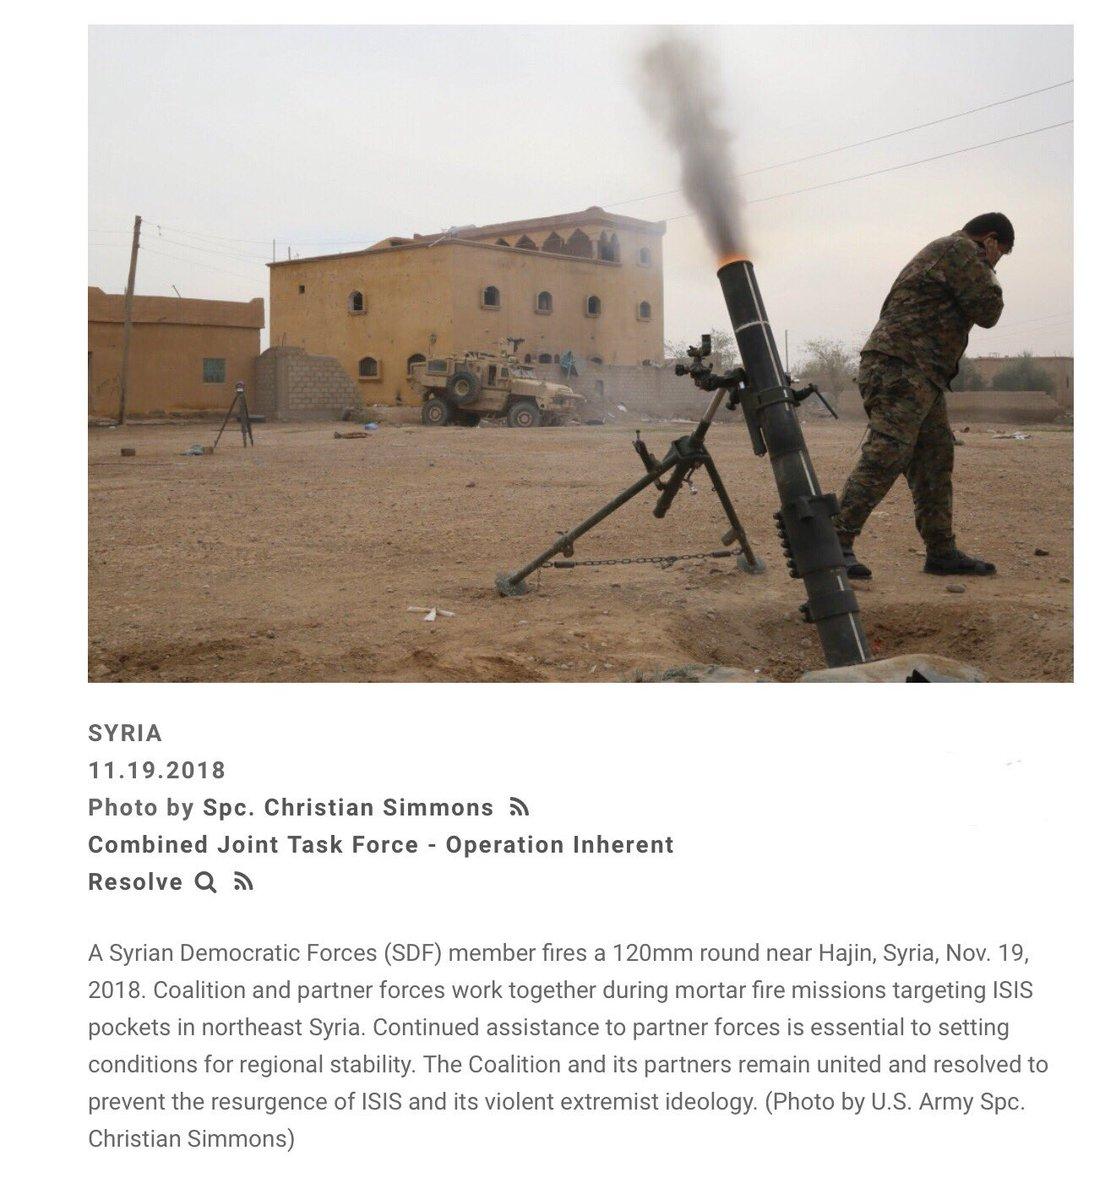 قوات سوريا الديمقراطيه ( قسد ) .......نظرة عسكريه .......ومستقبليه  DuOEsdOXgAIuR0q